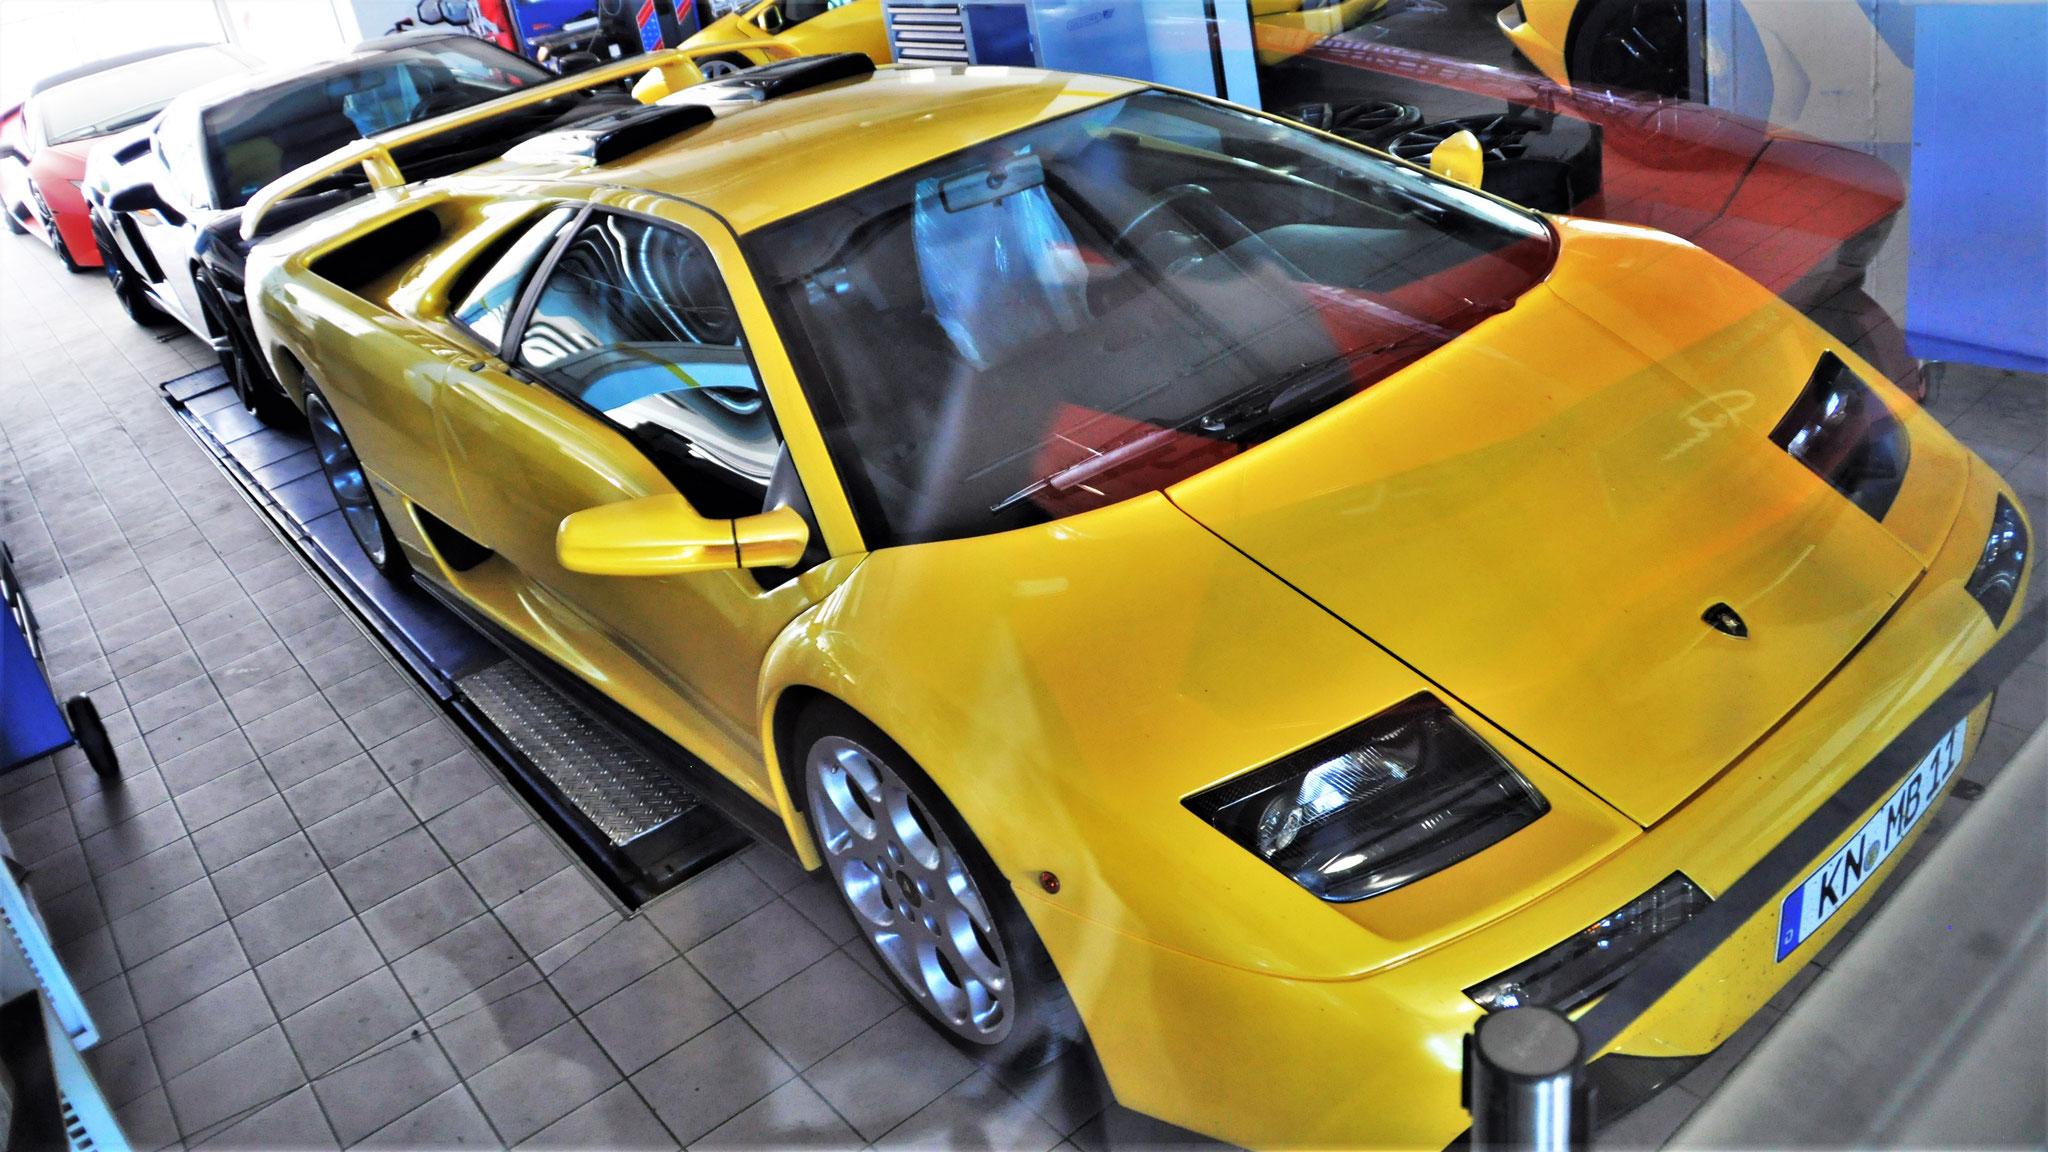 Lamborghini Diablo SV - KN-MB-11